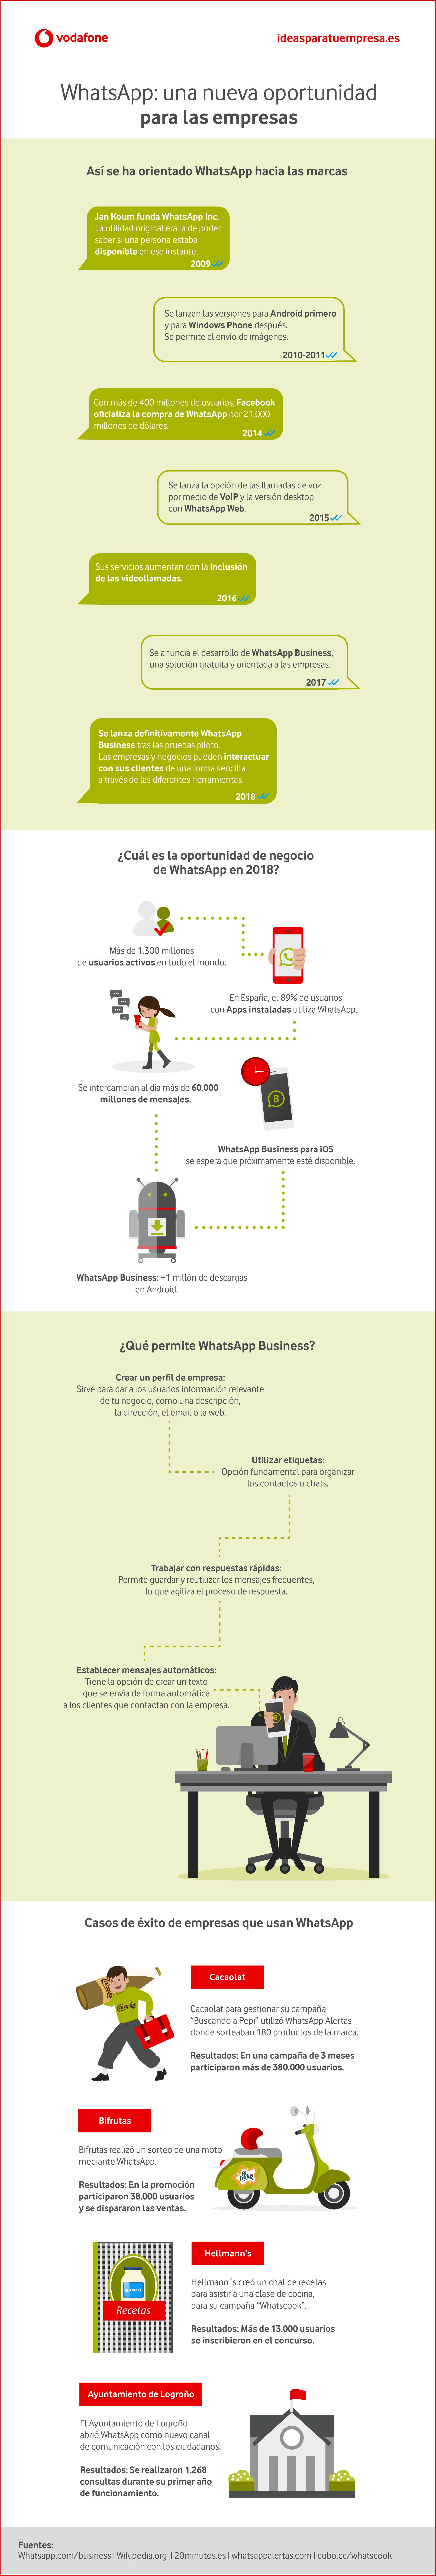 WhatsApp web para empresas